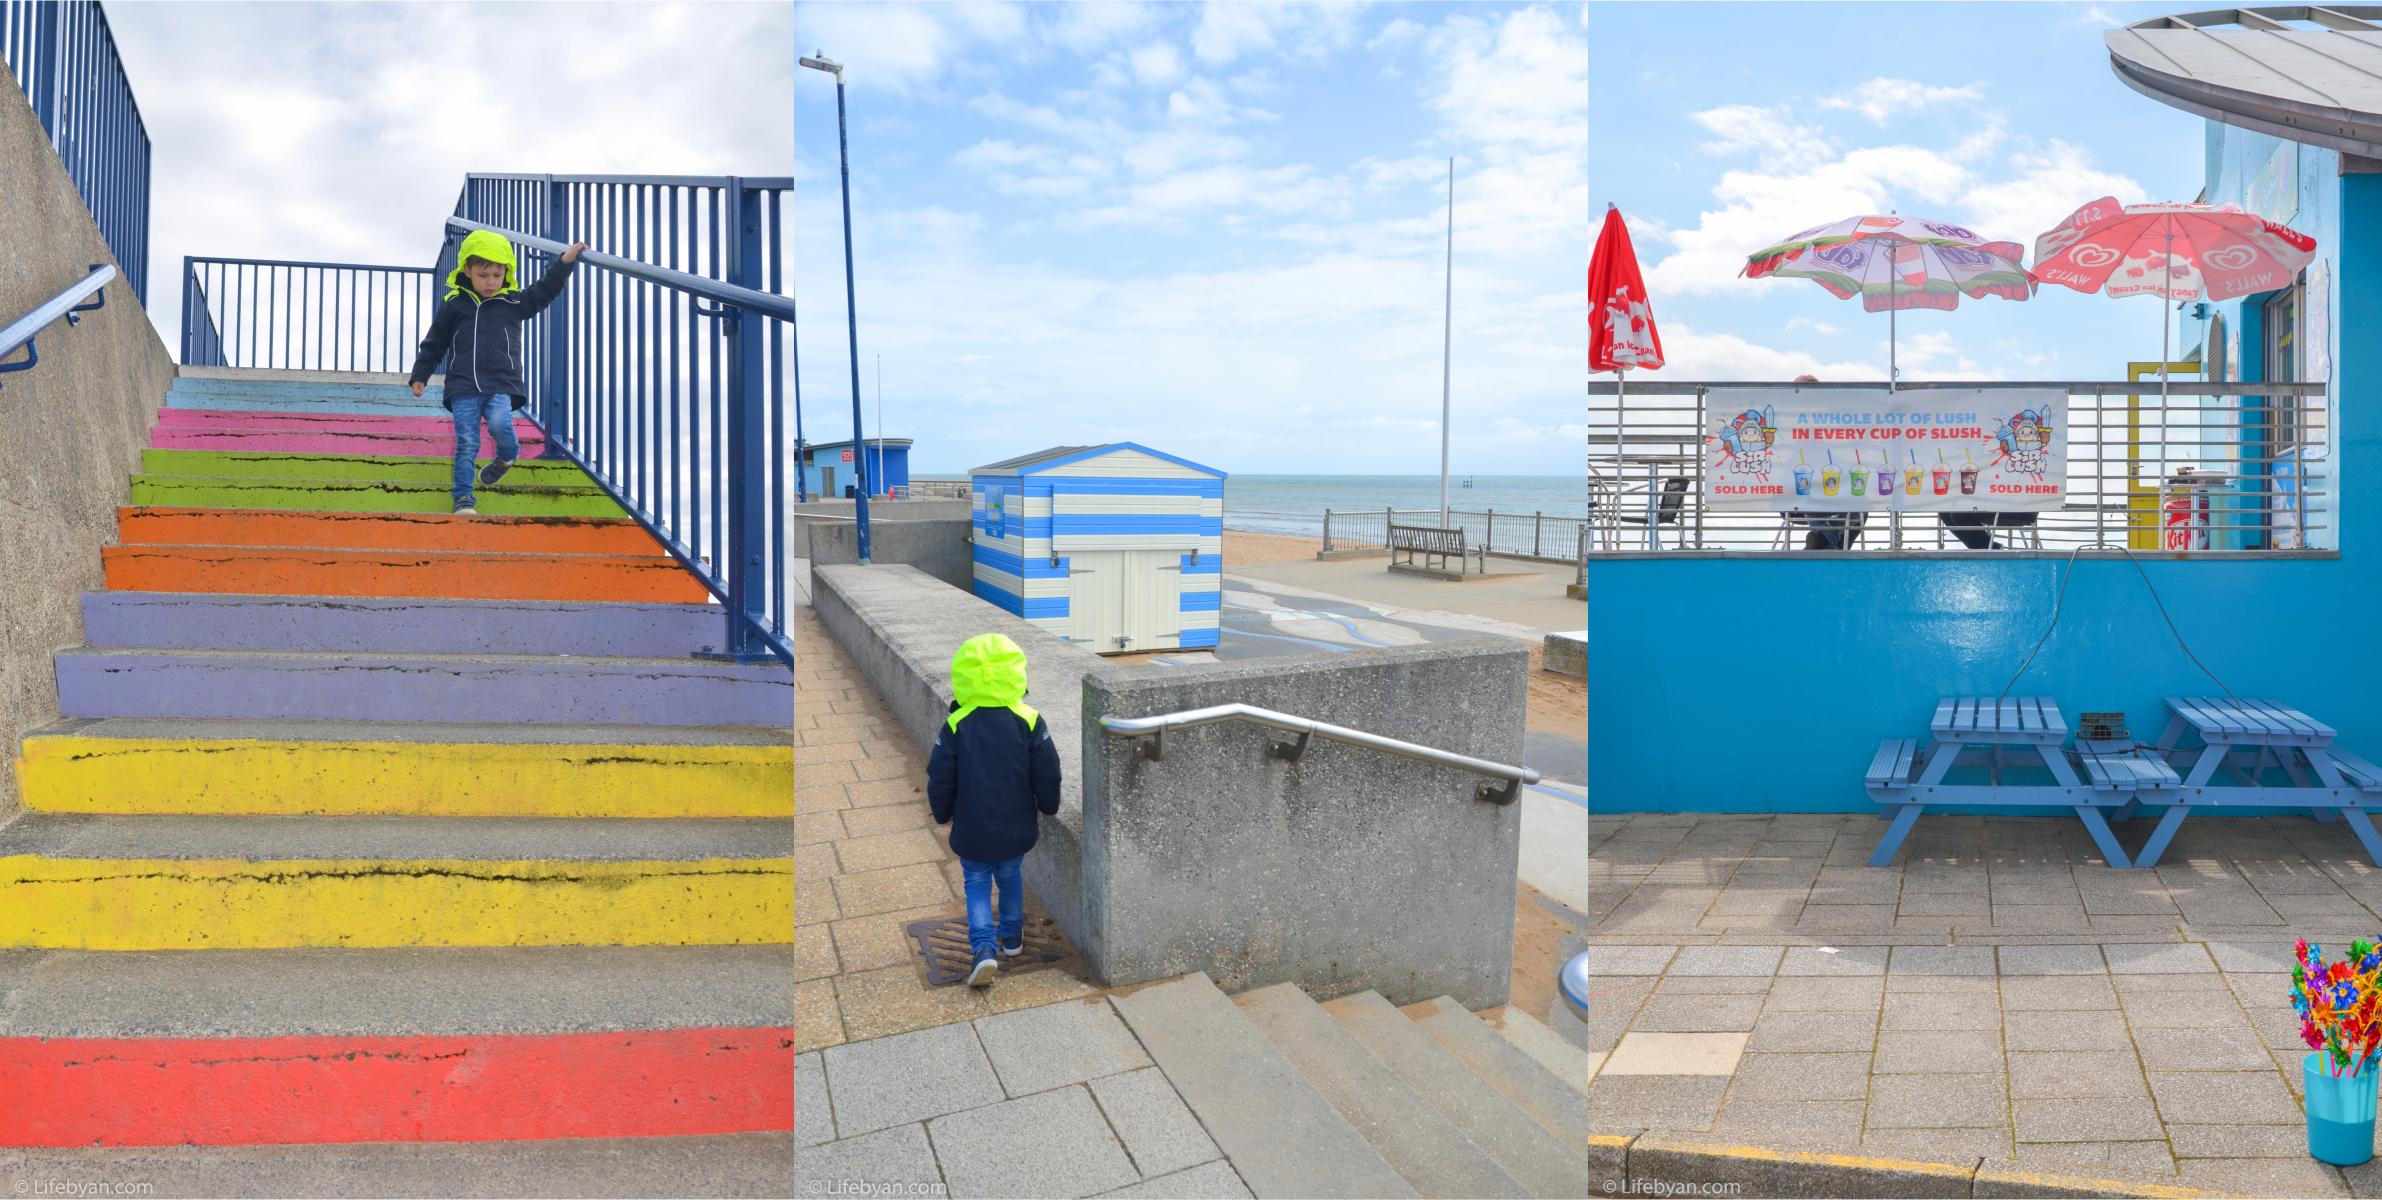 Ramsgatecollage(1).jpg